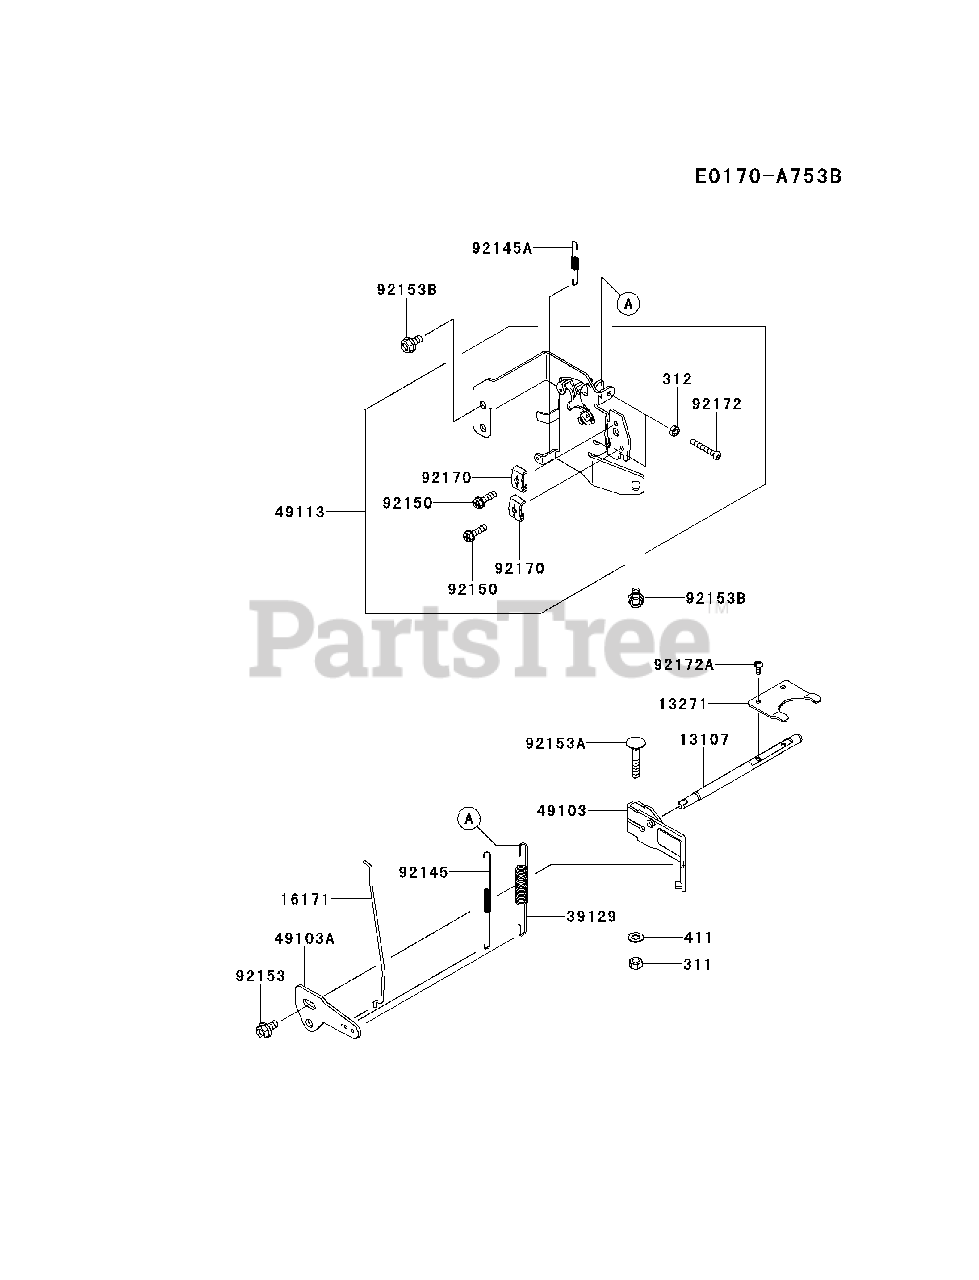 Kawasaki FR691V-AS32 - Kawasaki Engine CONTROL-EQUIPMENT ... on kawasaki fh601v parts, kawasaki prairie 300 carb diagram, kawasaki fc150v parts diagram, mahindra parts diagrams, mtd parts diagrams, kawasaki fb460v parts list, kawasaki ga 2300a generator parts, kawasaki oem parts diagram, bush hog parts diagrams, long tractor engine parts diagrams, kawasaki fh580v parts, kawasaki ga1000a generator parts, kawasaki fh680v parts electric clutch, kawasaki fc420v parts diagram, kawasaki replacement engines, caterpillar engine parts diagrams, kawasaki mule parts diagram, small four-stroke engine diagrams, exmark parts diagrams, kawasaki 250 parts diagram,